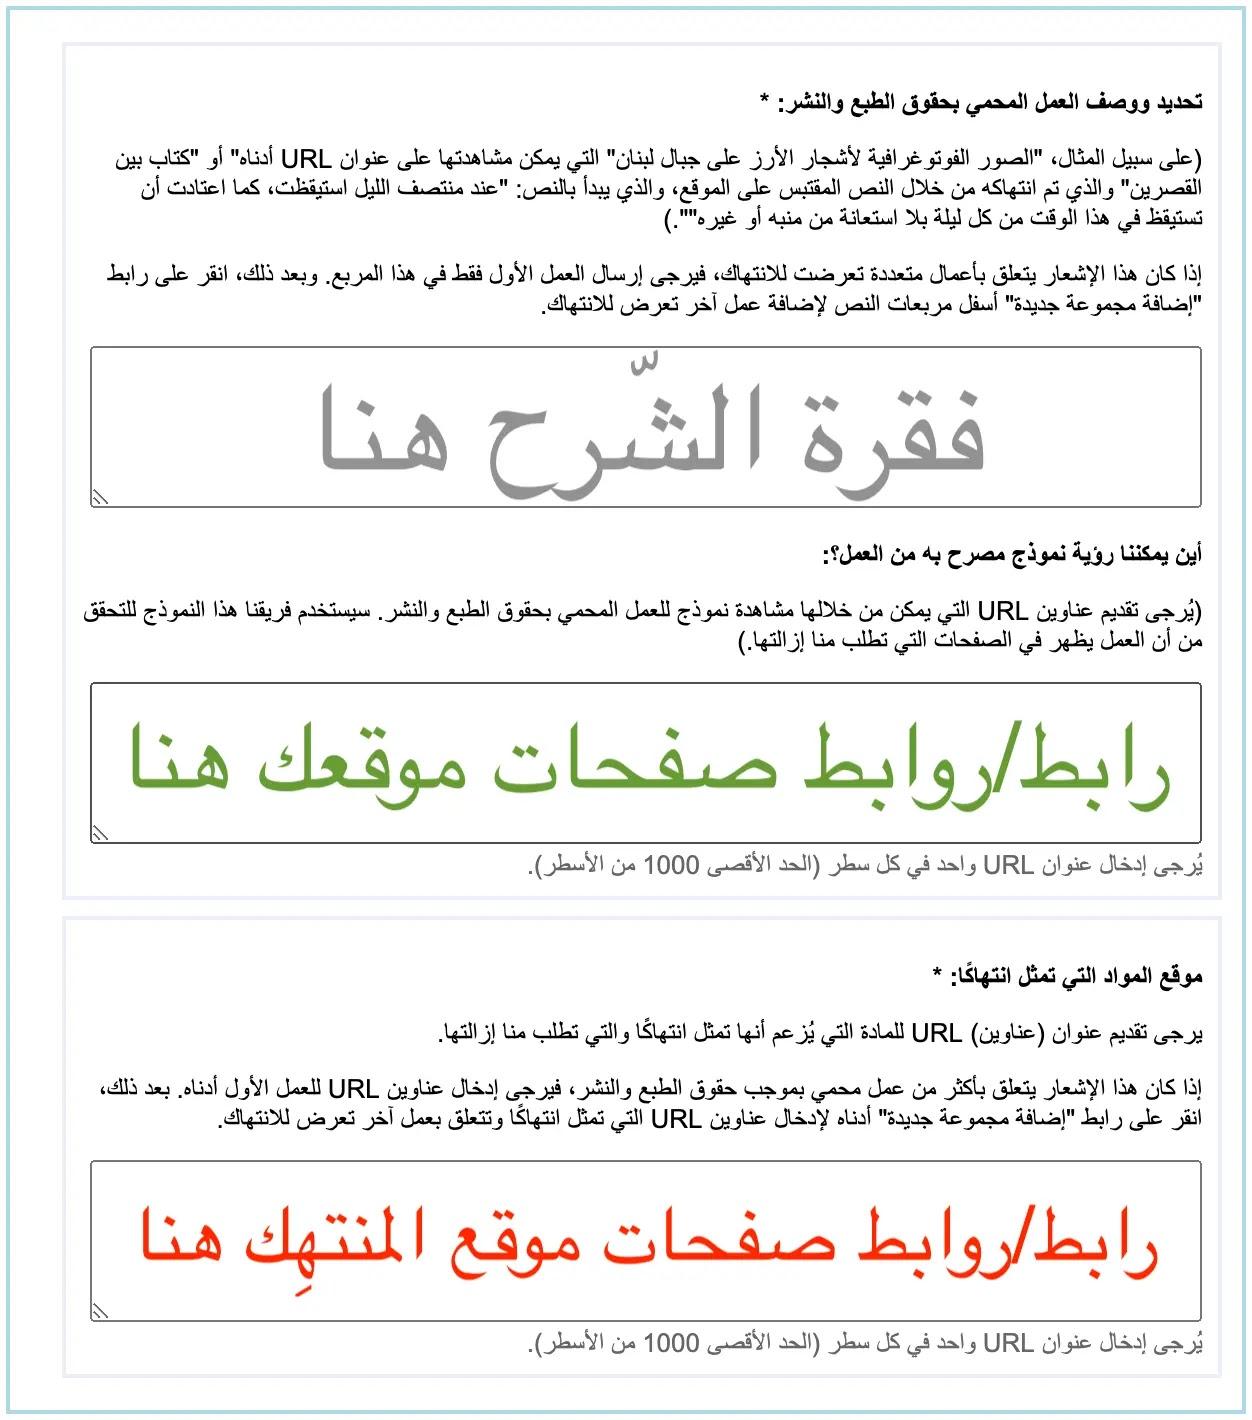 لقطة شاشة من نجموذج الإبلاغ عن حقوق الطّبع والنّشر تضمّ إرشادات.